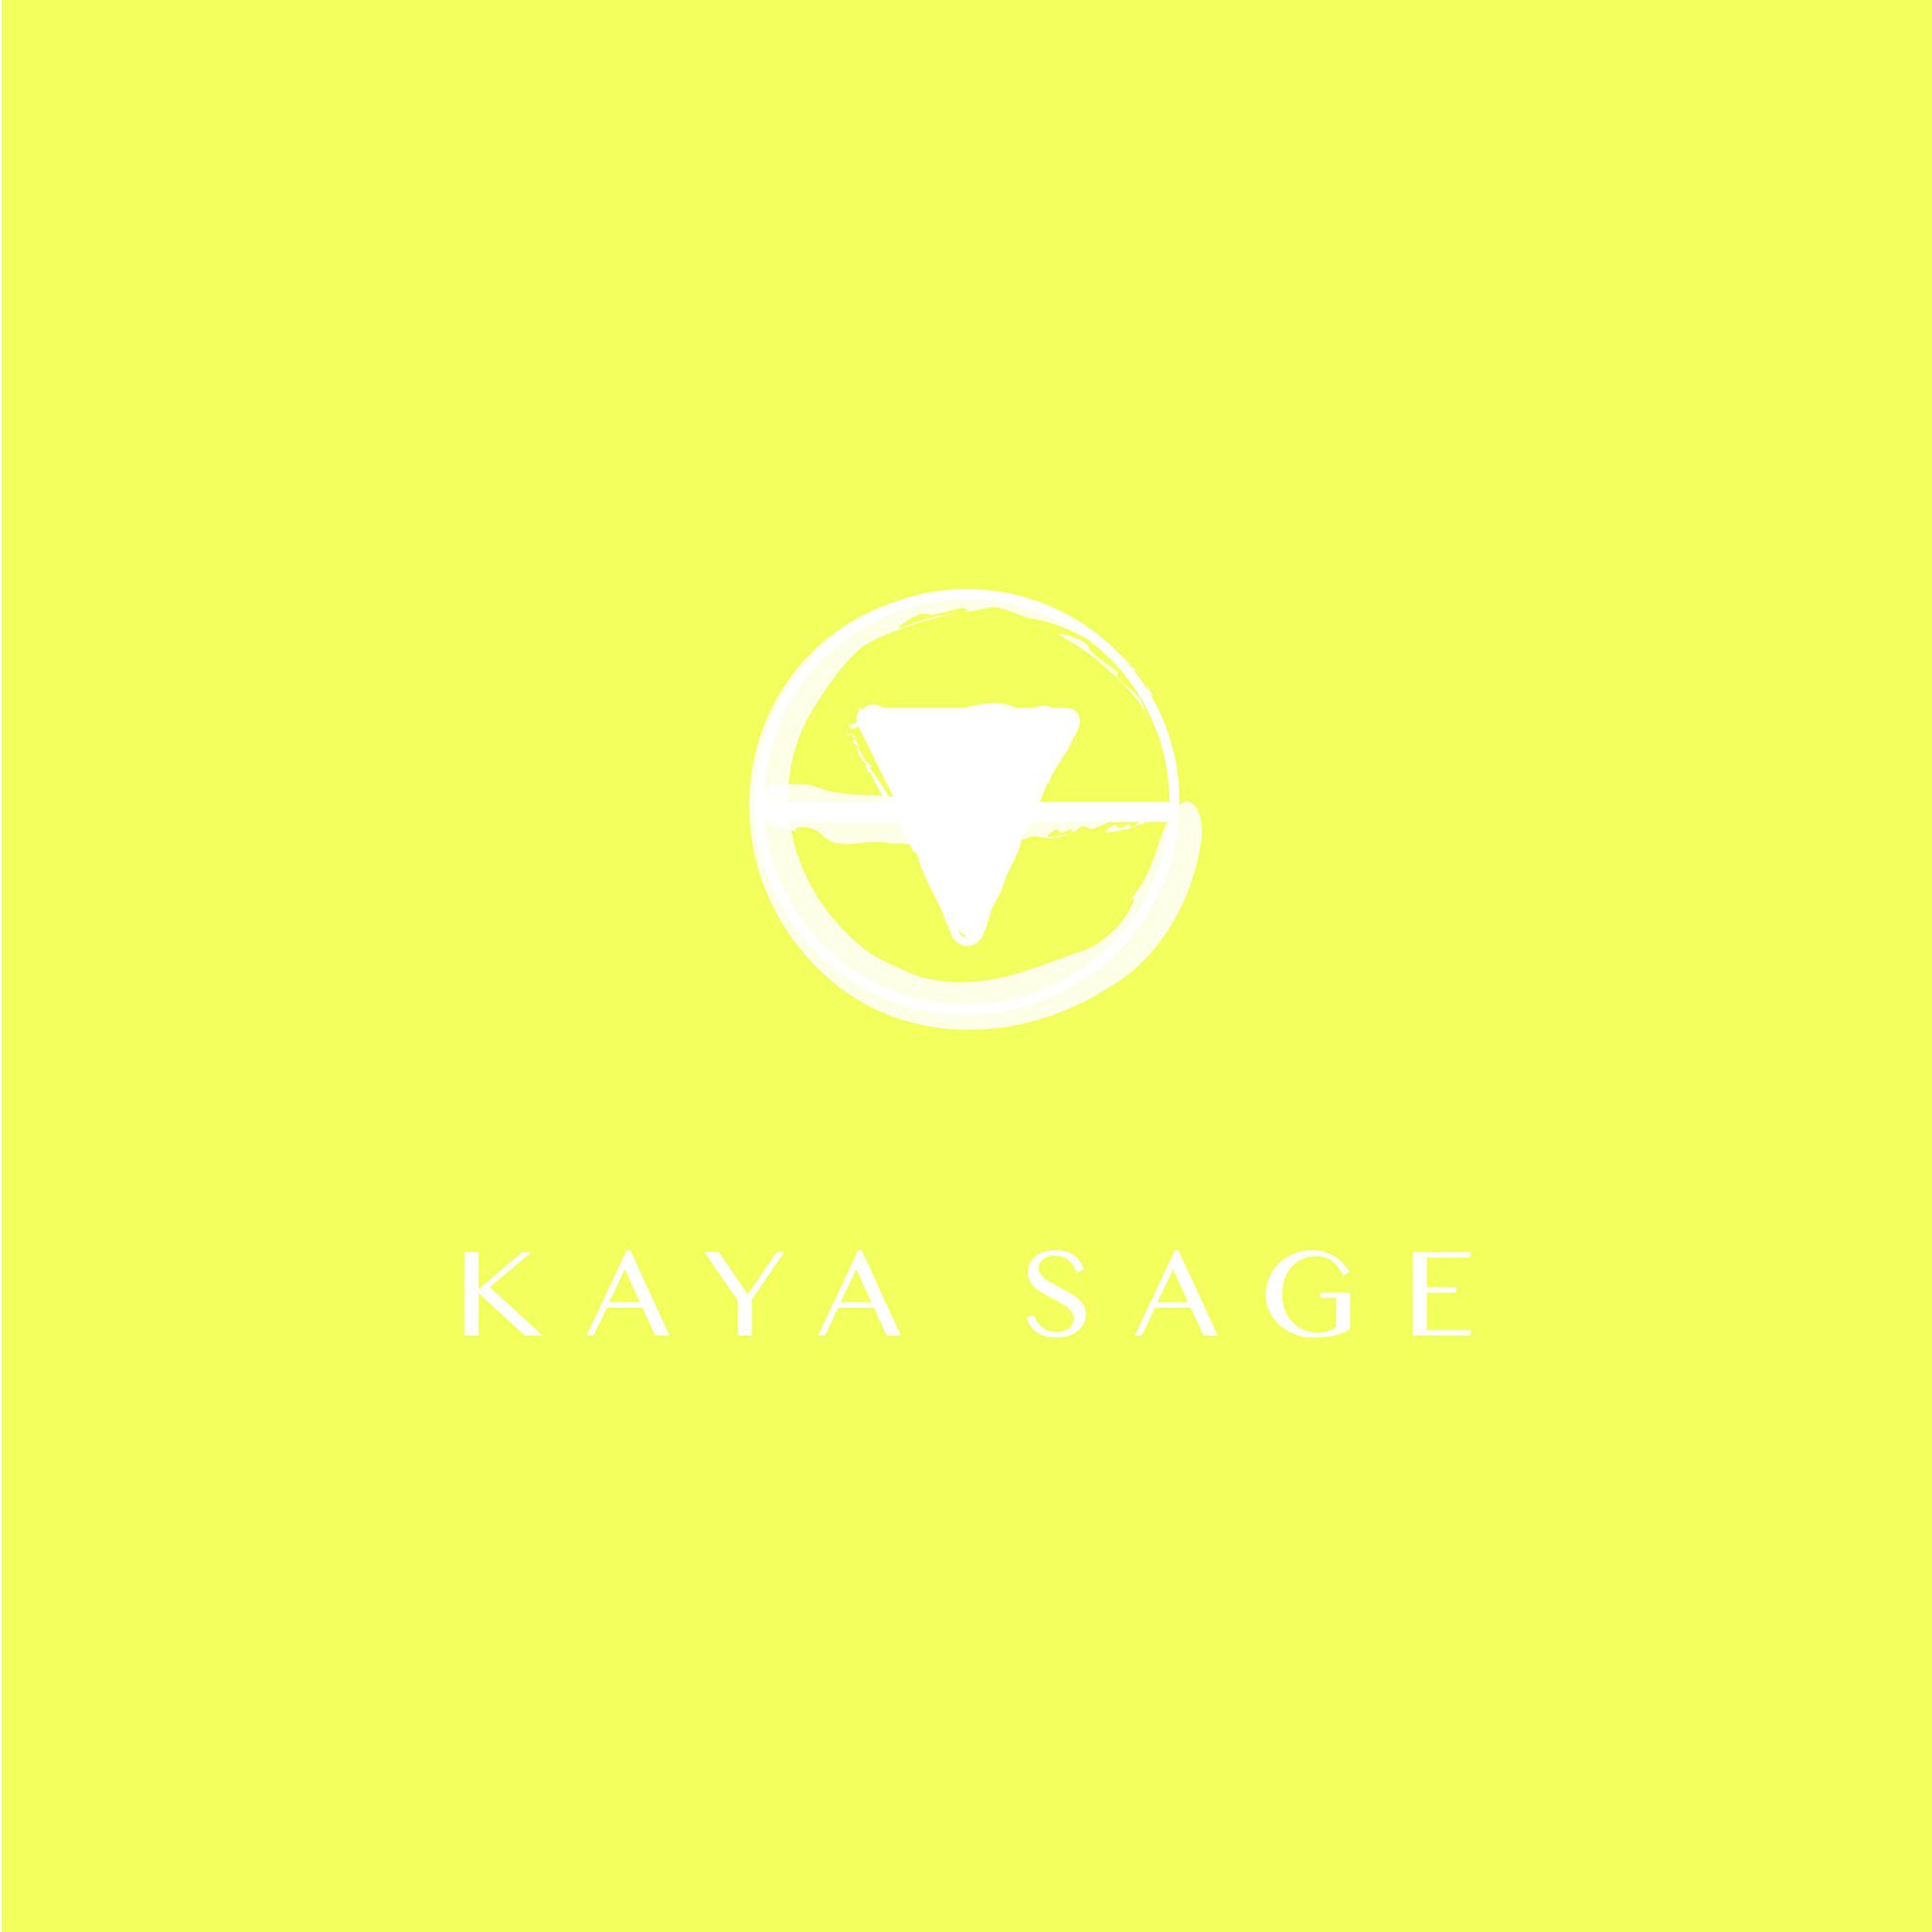 Kaya Sage - Yellow Logo - Social.jpg